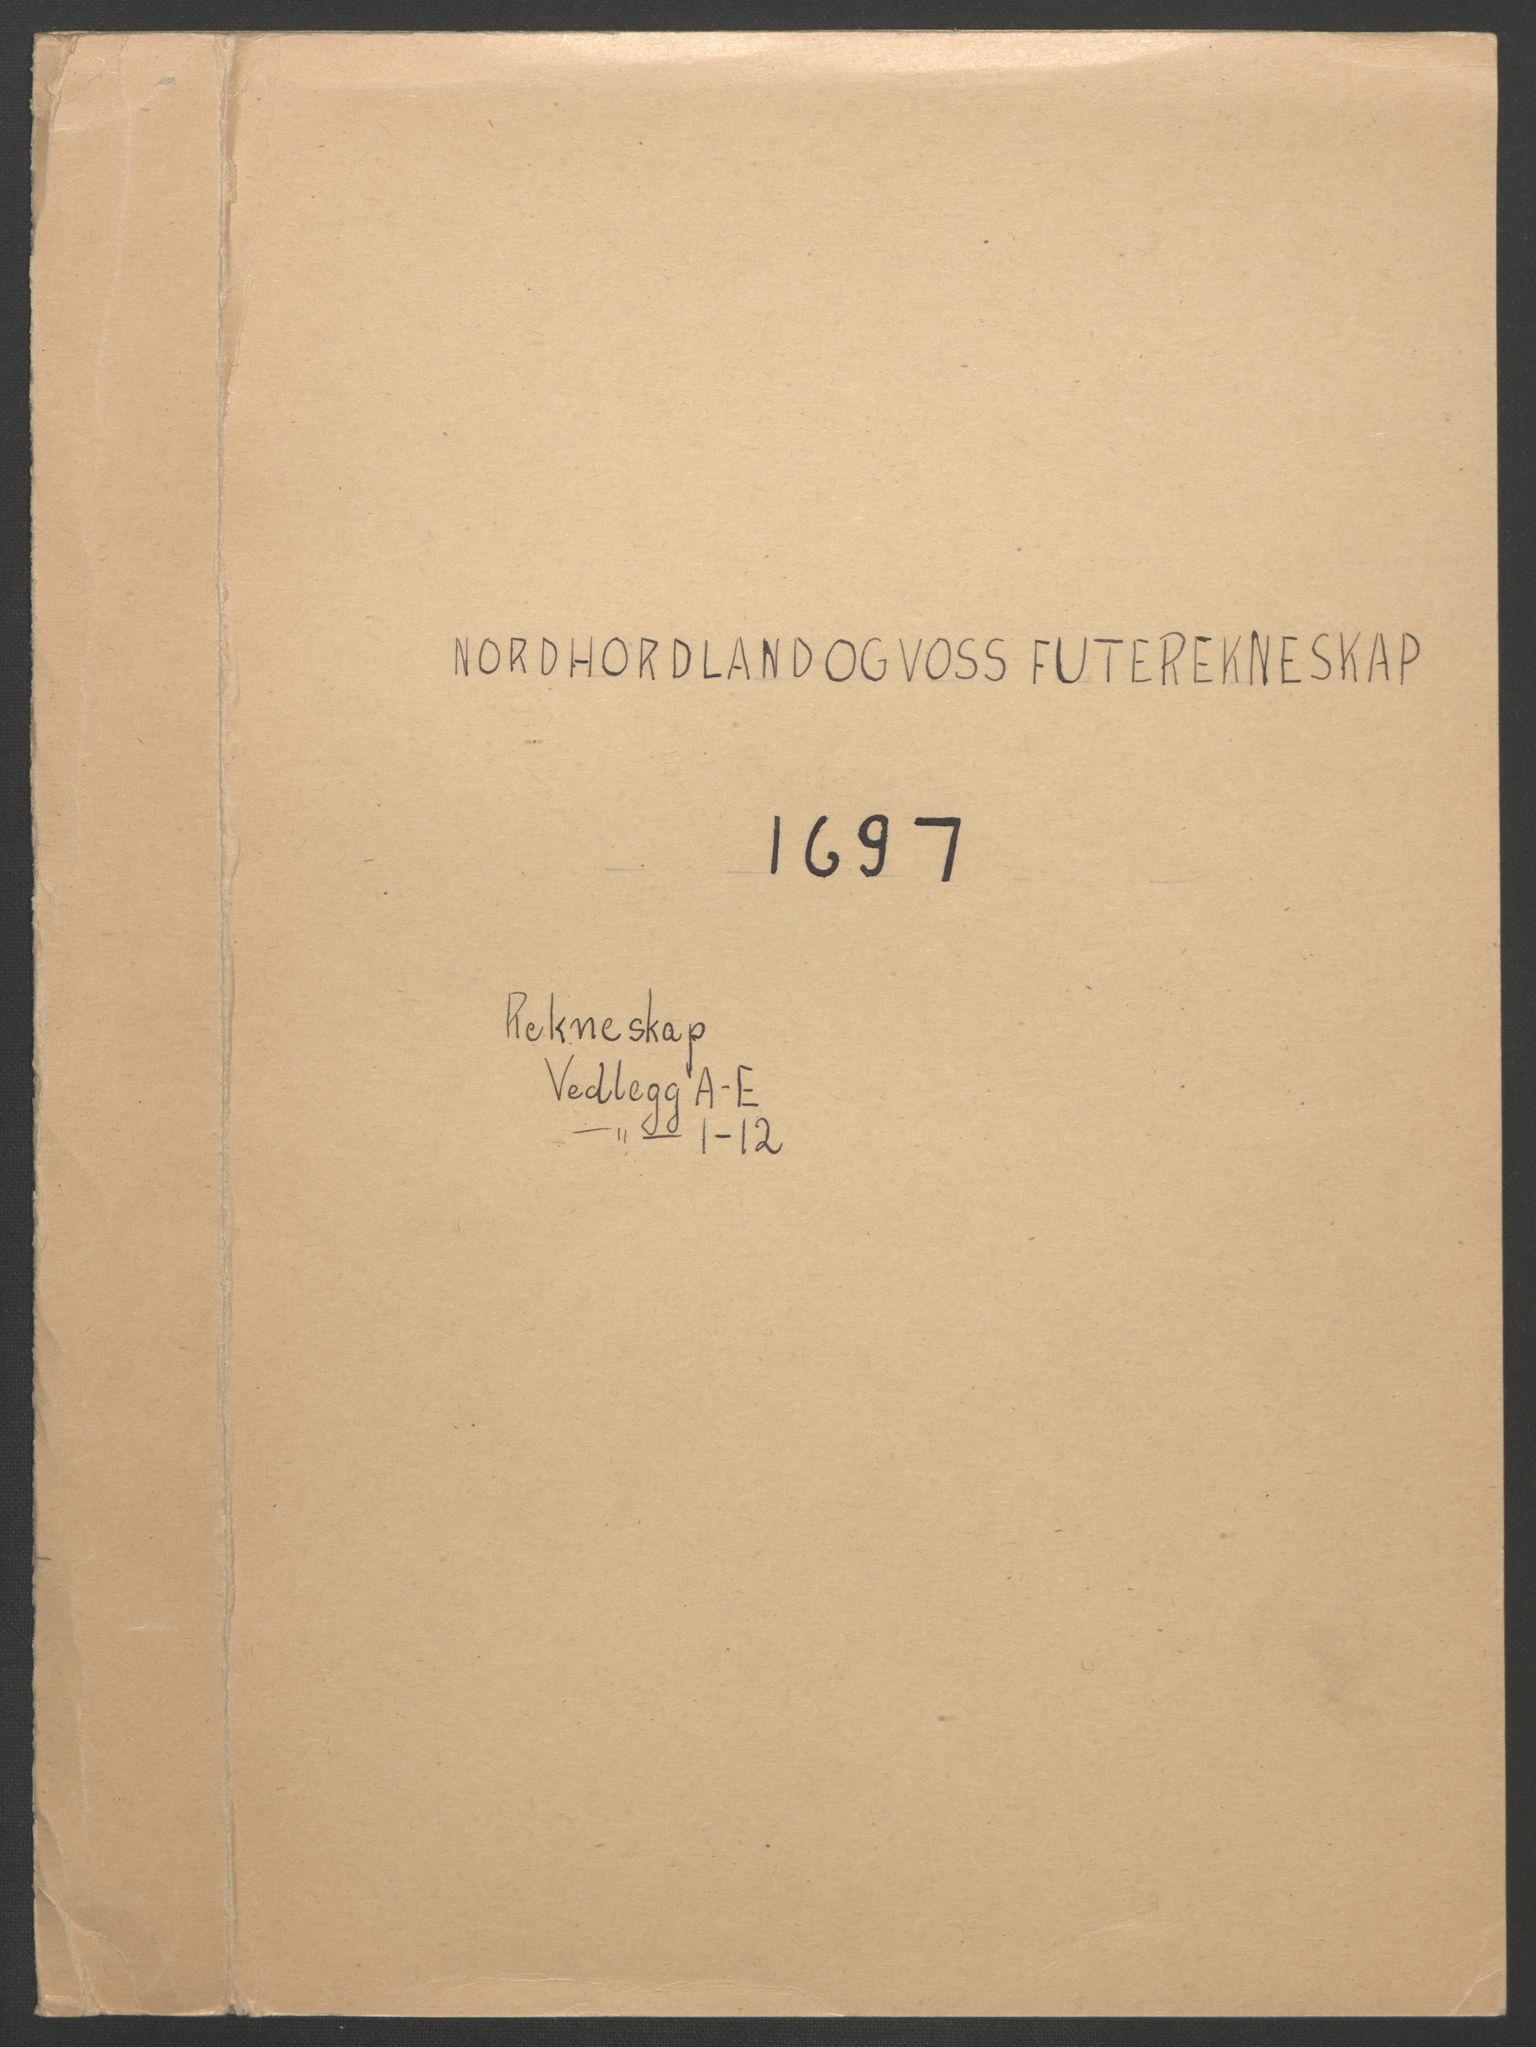 RA, Rentekammeret inntil 1814, Reviderte regnskaper, Fogderegnskap, R51/L3183: Fogderegnskap Nordhordland og Voss, 1695-1697, s. 301